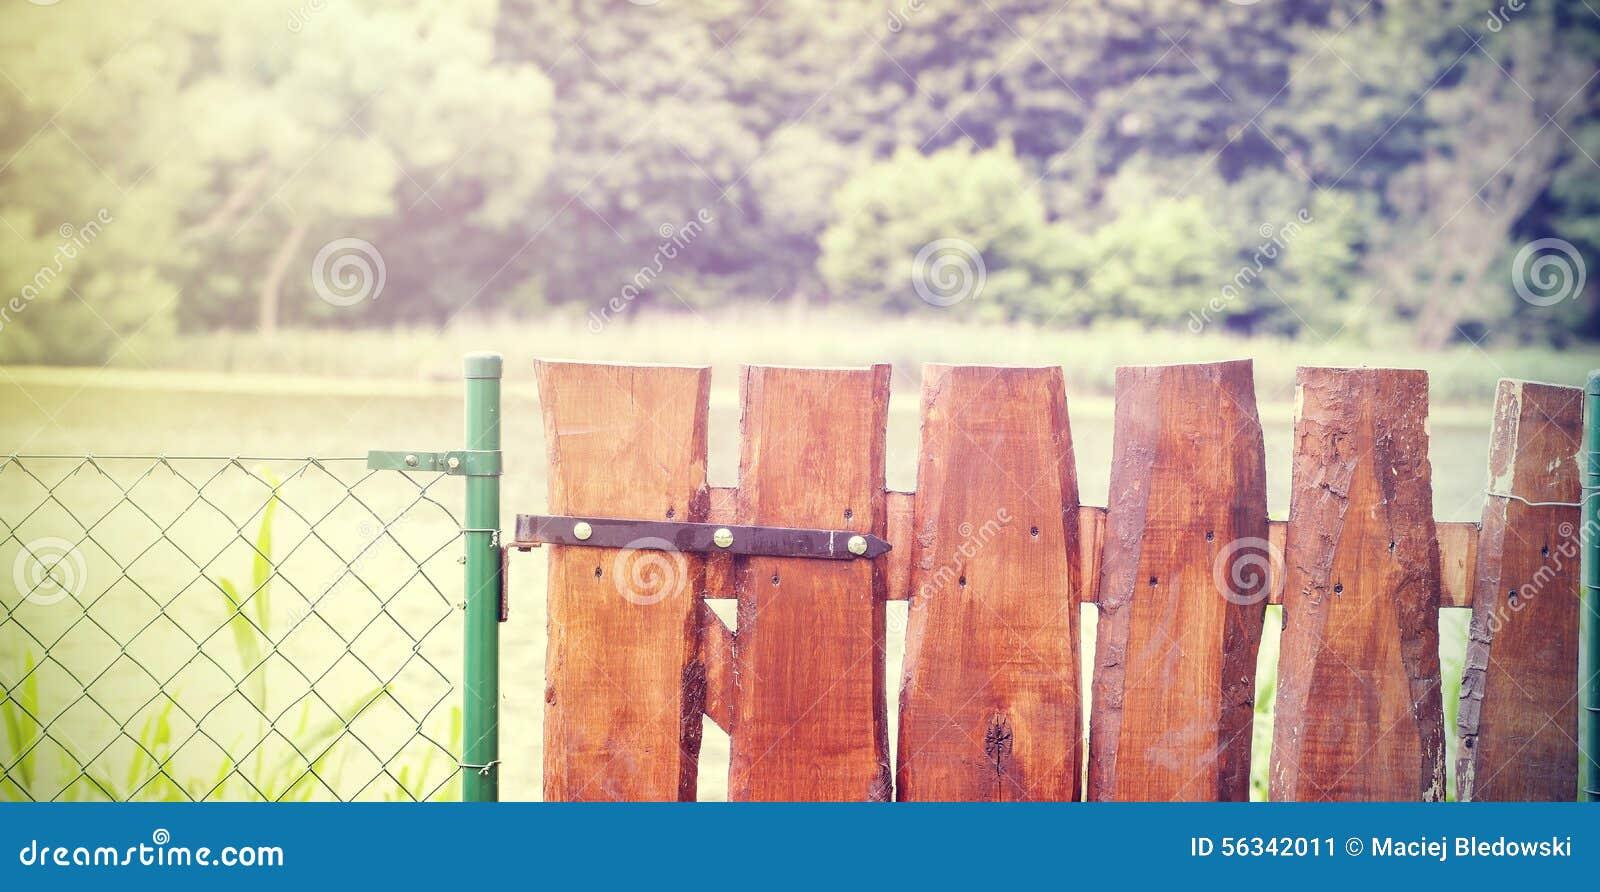 Rétro Porte Et Grillage De Jardin En Bois Image stock - Image du ...